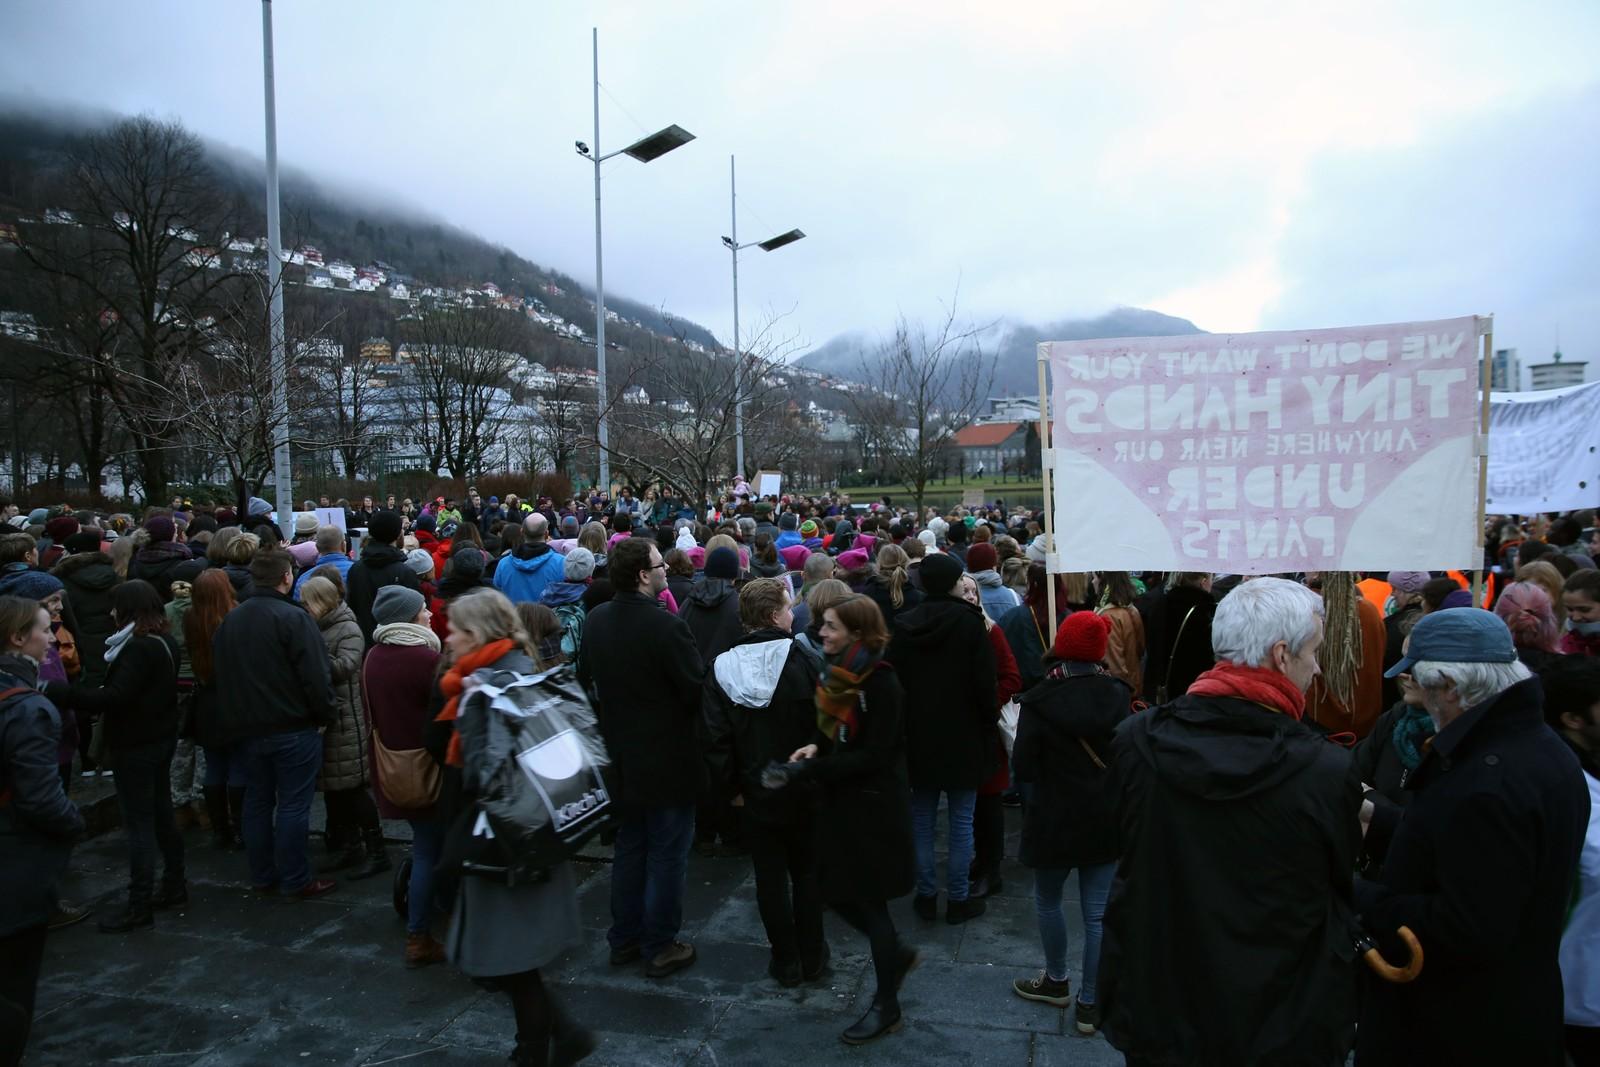 Flere hundre demosntranter var også samlet på Festplassen i Bergen. Derfra skal de gå en rute i Bergen sentrum før de ender opp på Bergen offentlige bibliotek, hvor de får direktestrøm av andre søsterdemonstrasjoner i verden.